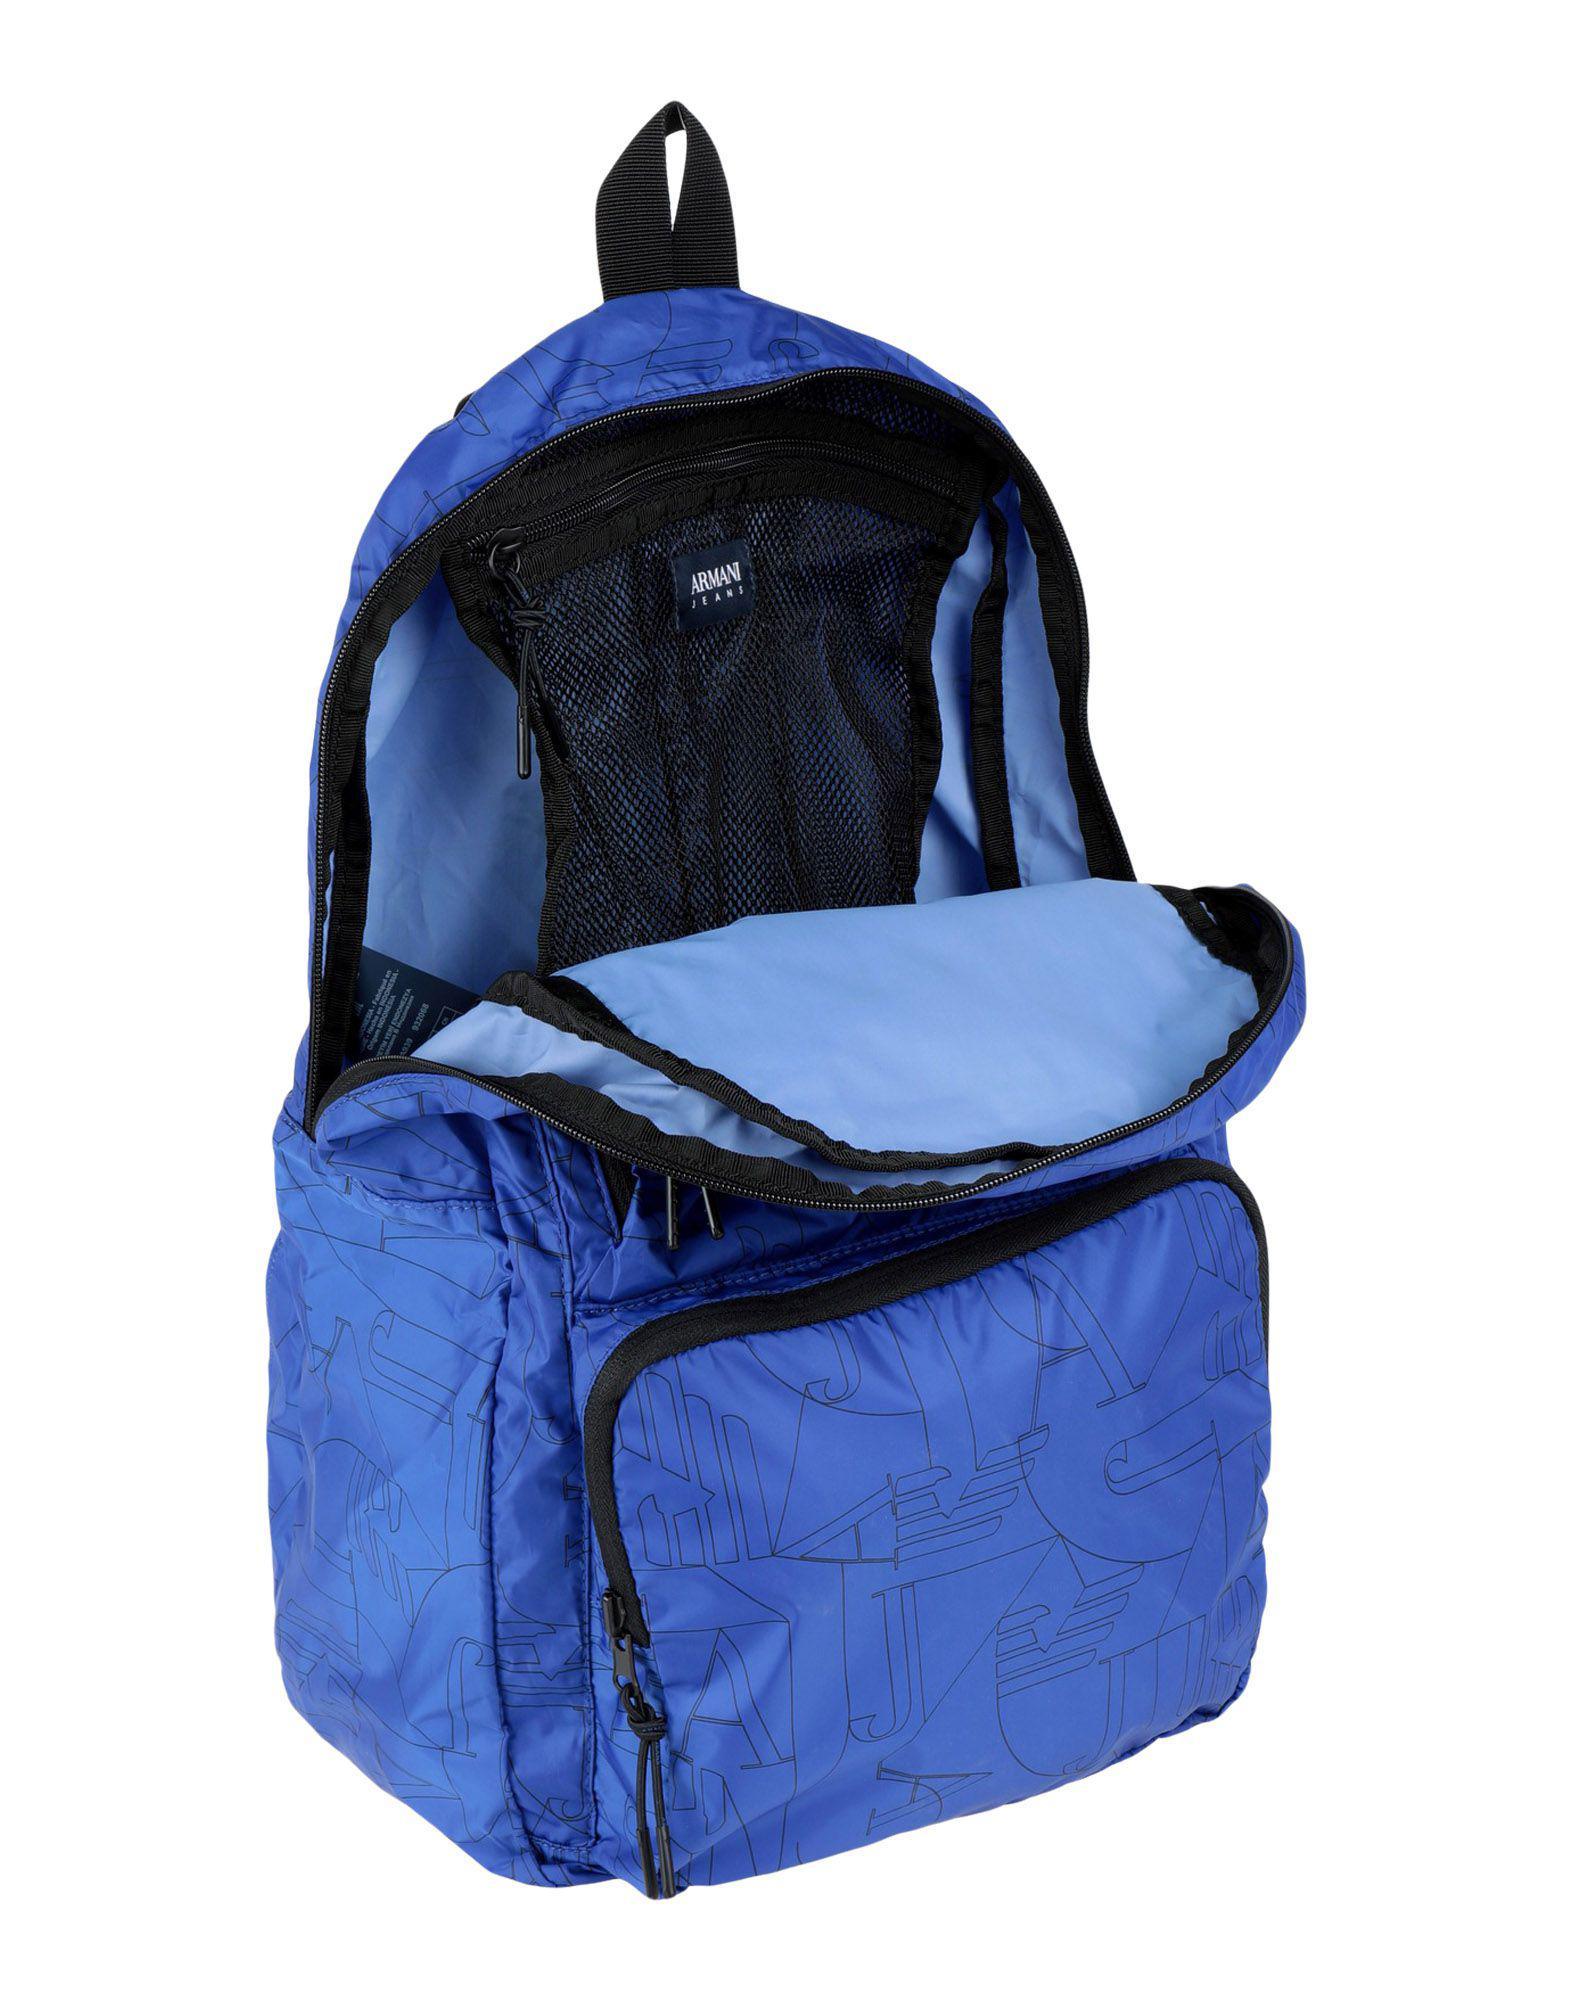 Lyst - Sacs à dos et bananes Armani Jeans pour homme en coloris Bleu 99b79e42608